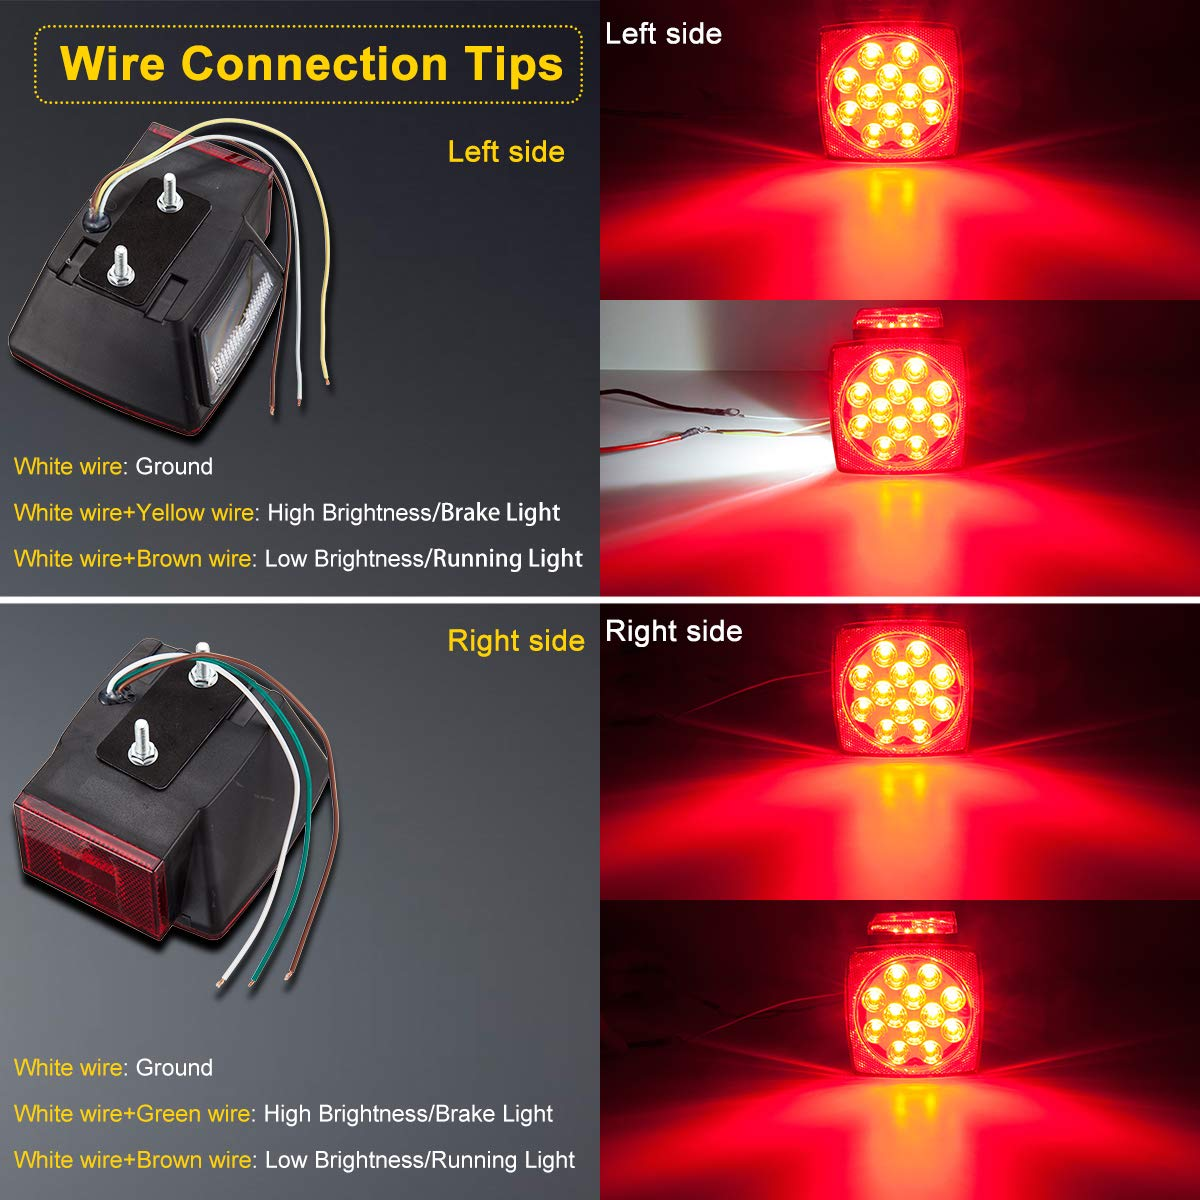 Limicar Led Square Trailer Lights Kit With 12 Amber Side Marker Light Together Wiring Waterproof 12v Stop